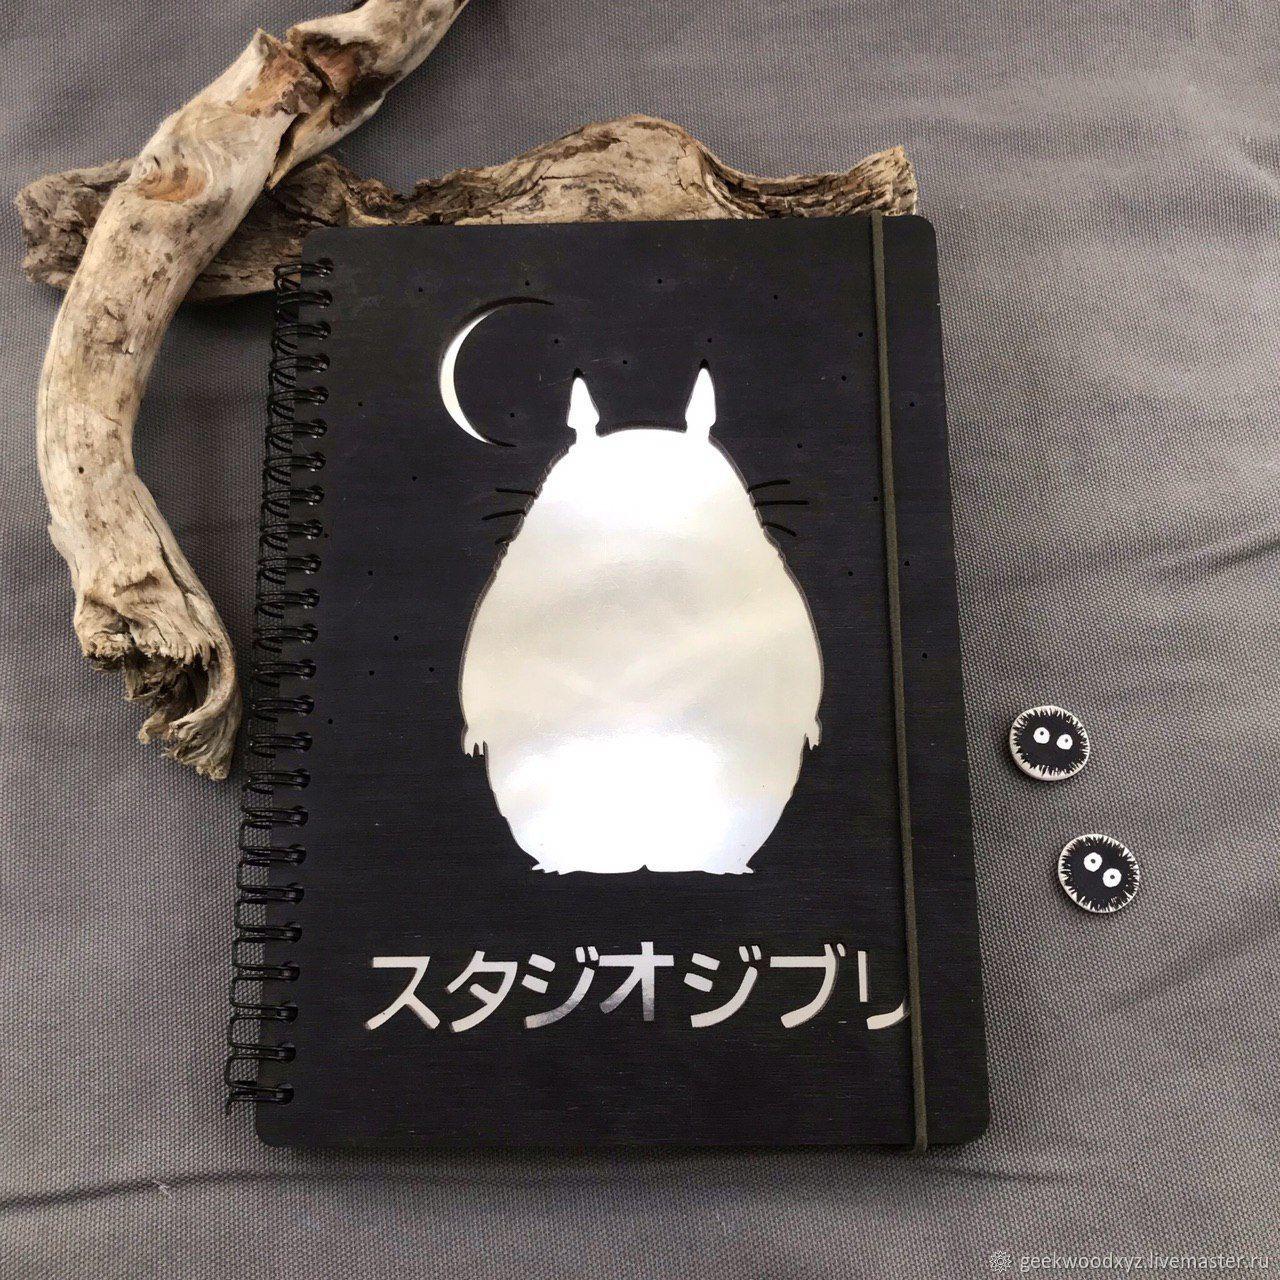 My neighbor Totoro Wooden Notepad / Sketchbook, Sketchbooks, Krasnodar,  Фото №1